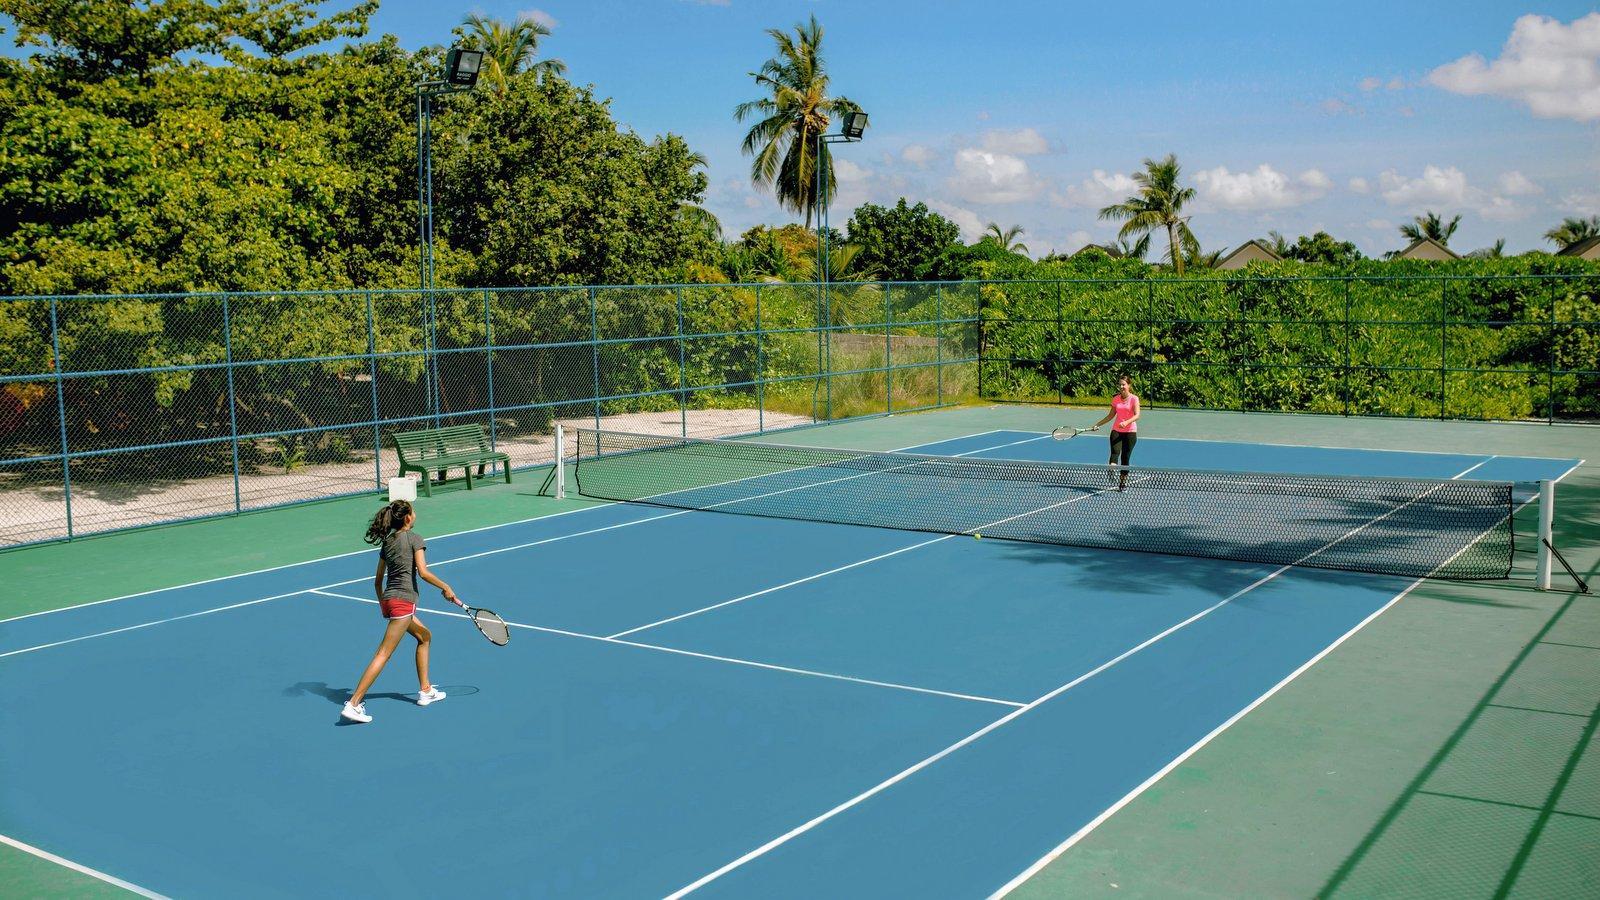 Мальдивы, отель Kudafushi Resort, теннисный корт